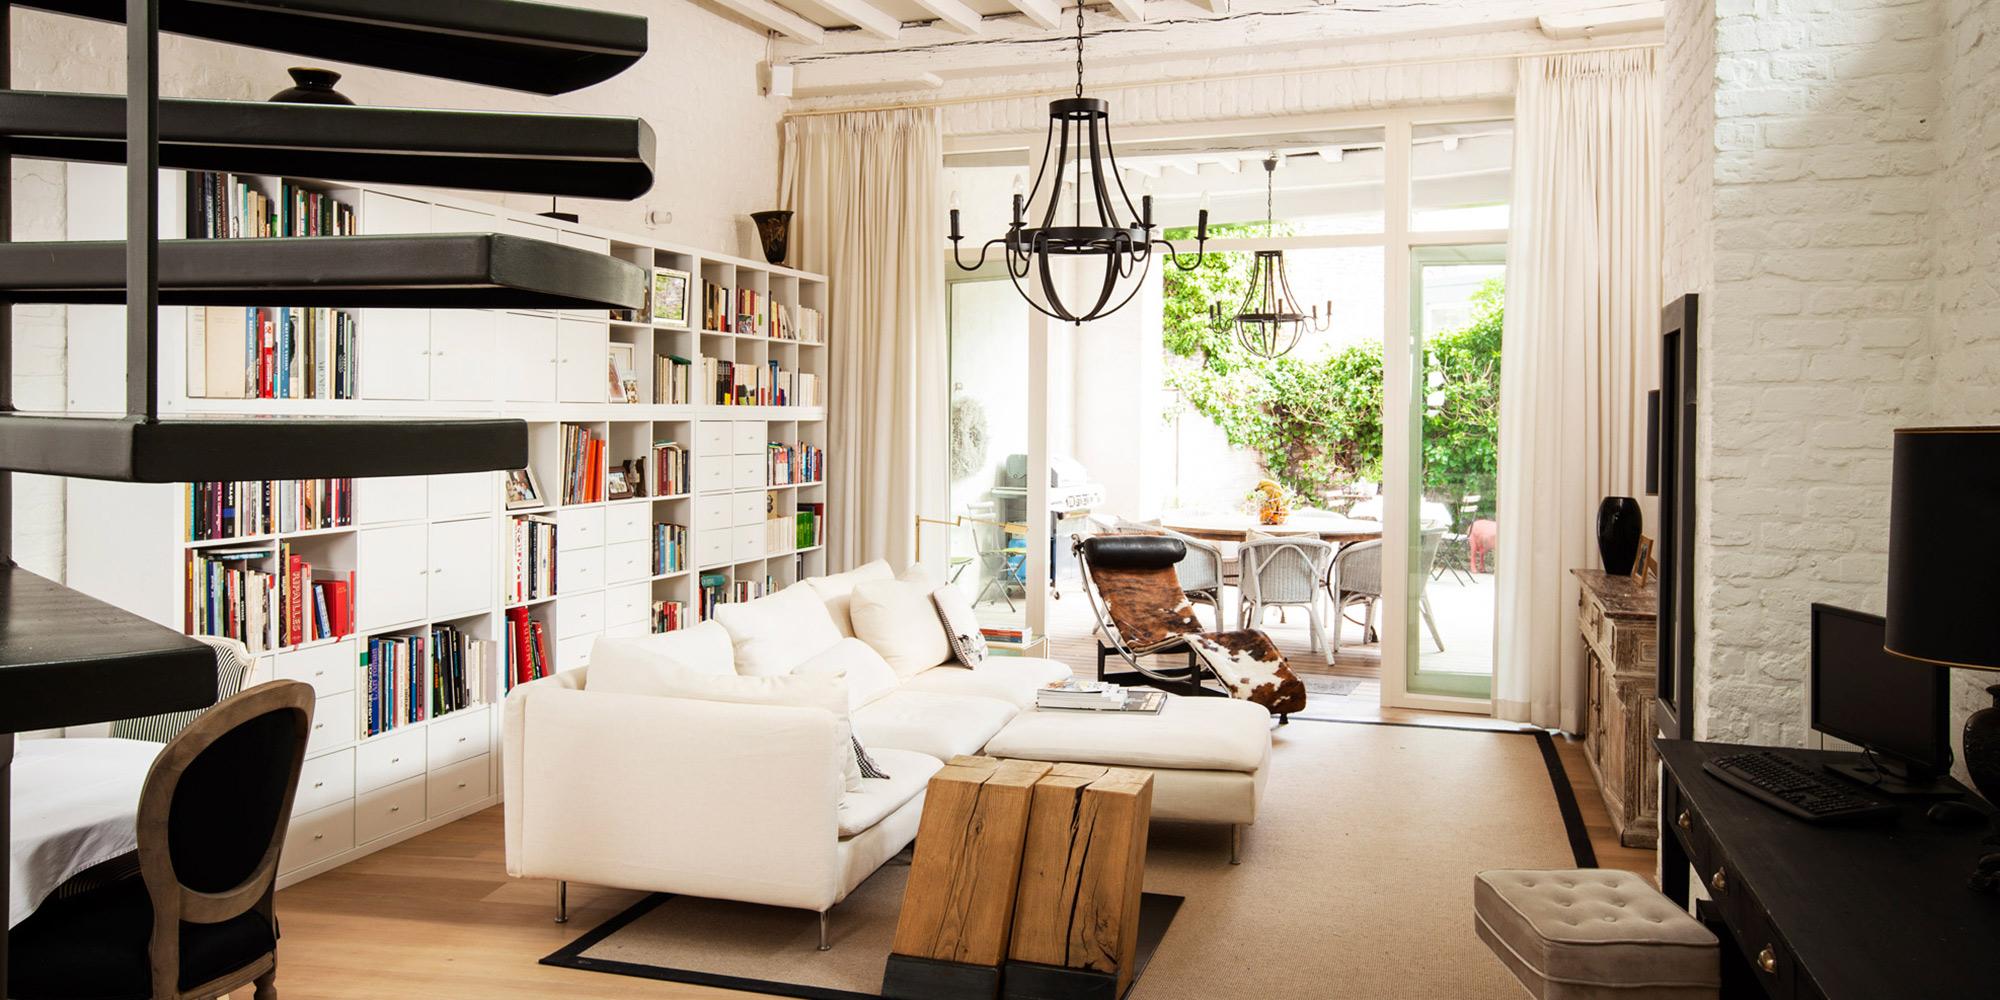 Deze stijlvolle en charmante bed and breakfast in hartje Brugge is ideaal voor een romantisch weekendje weg!